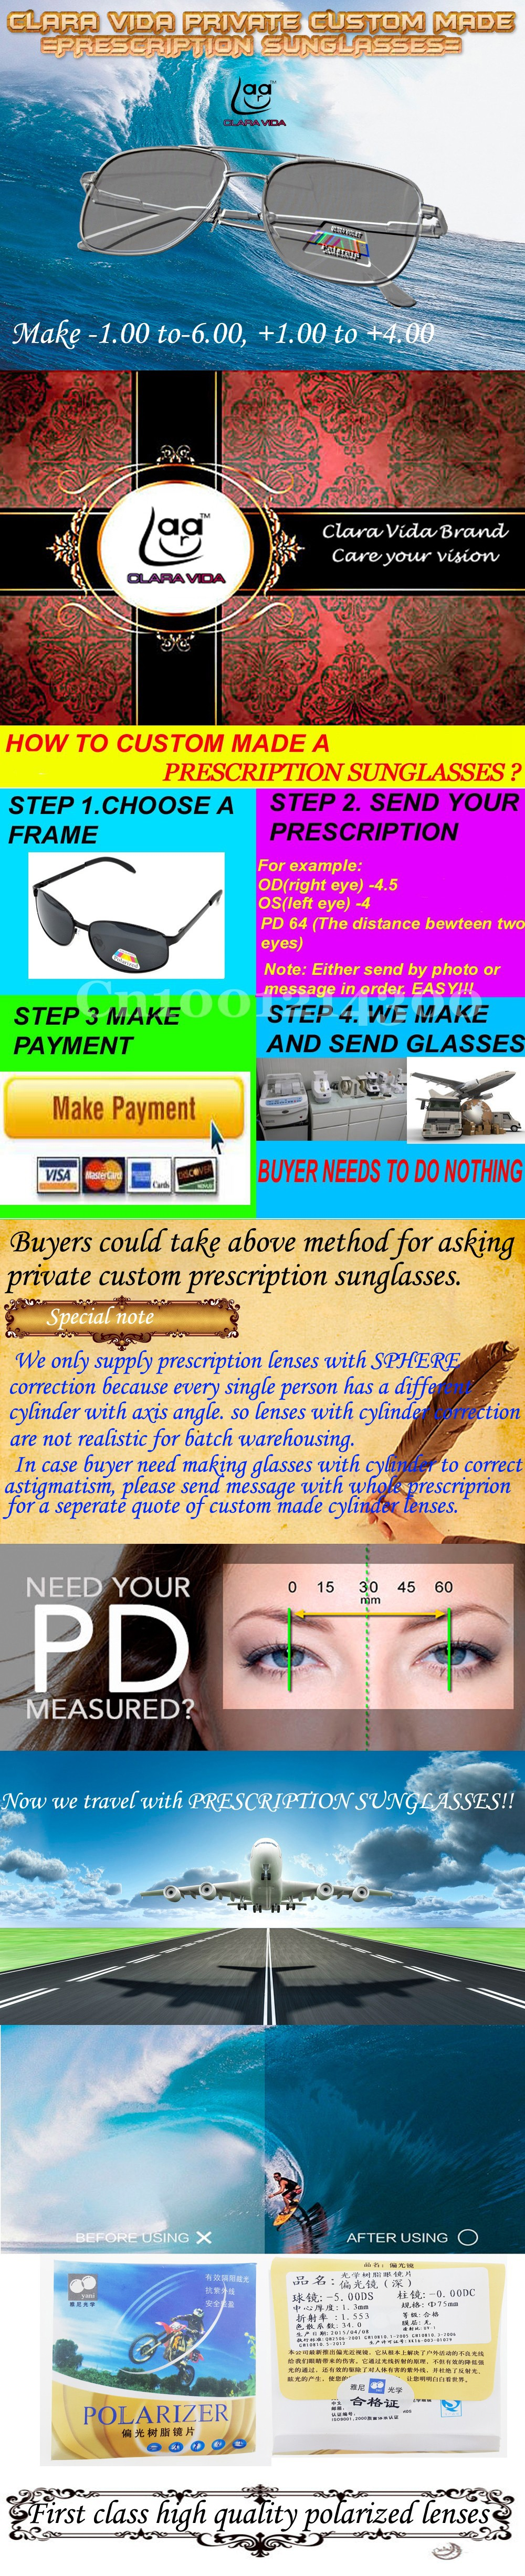 custom made prescription sunglasses